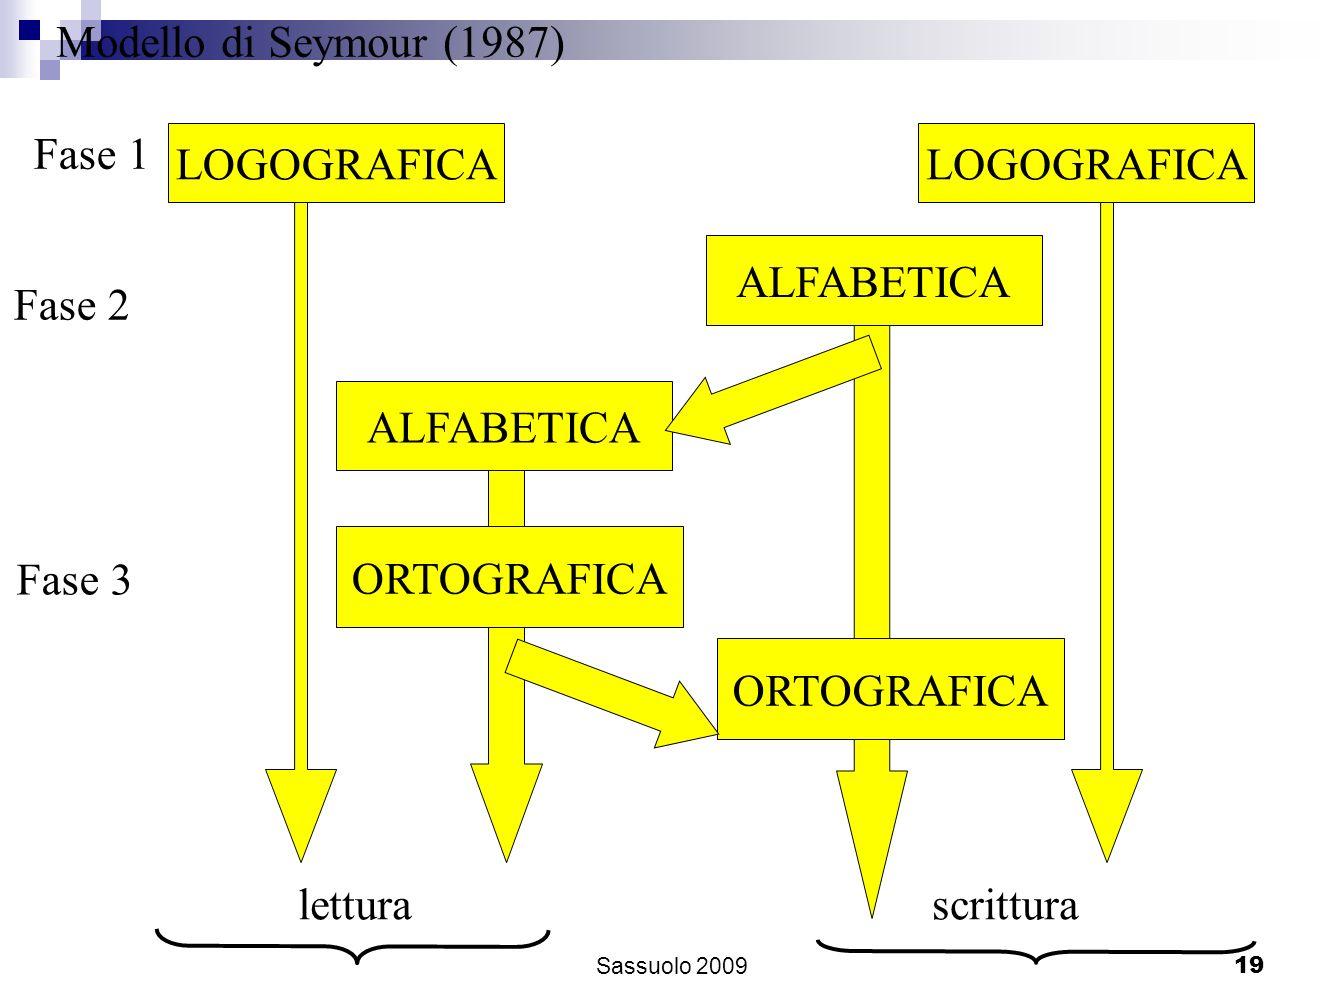 19 Fase 1 LOGOGRAFICA letturascrittura ALFABETICA ORTOGRAFICA Fase 2 Fase 3 Modello di Seymour (1987) Sassuolo 2009